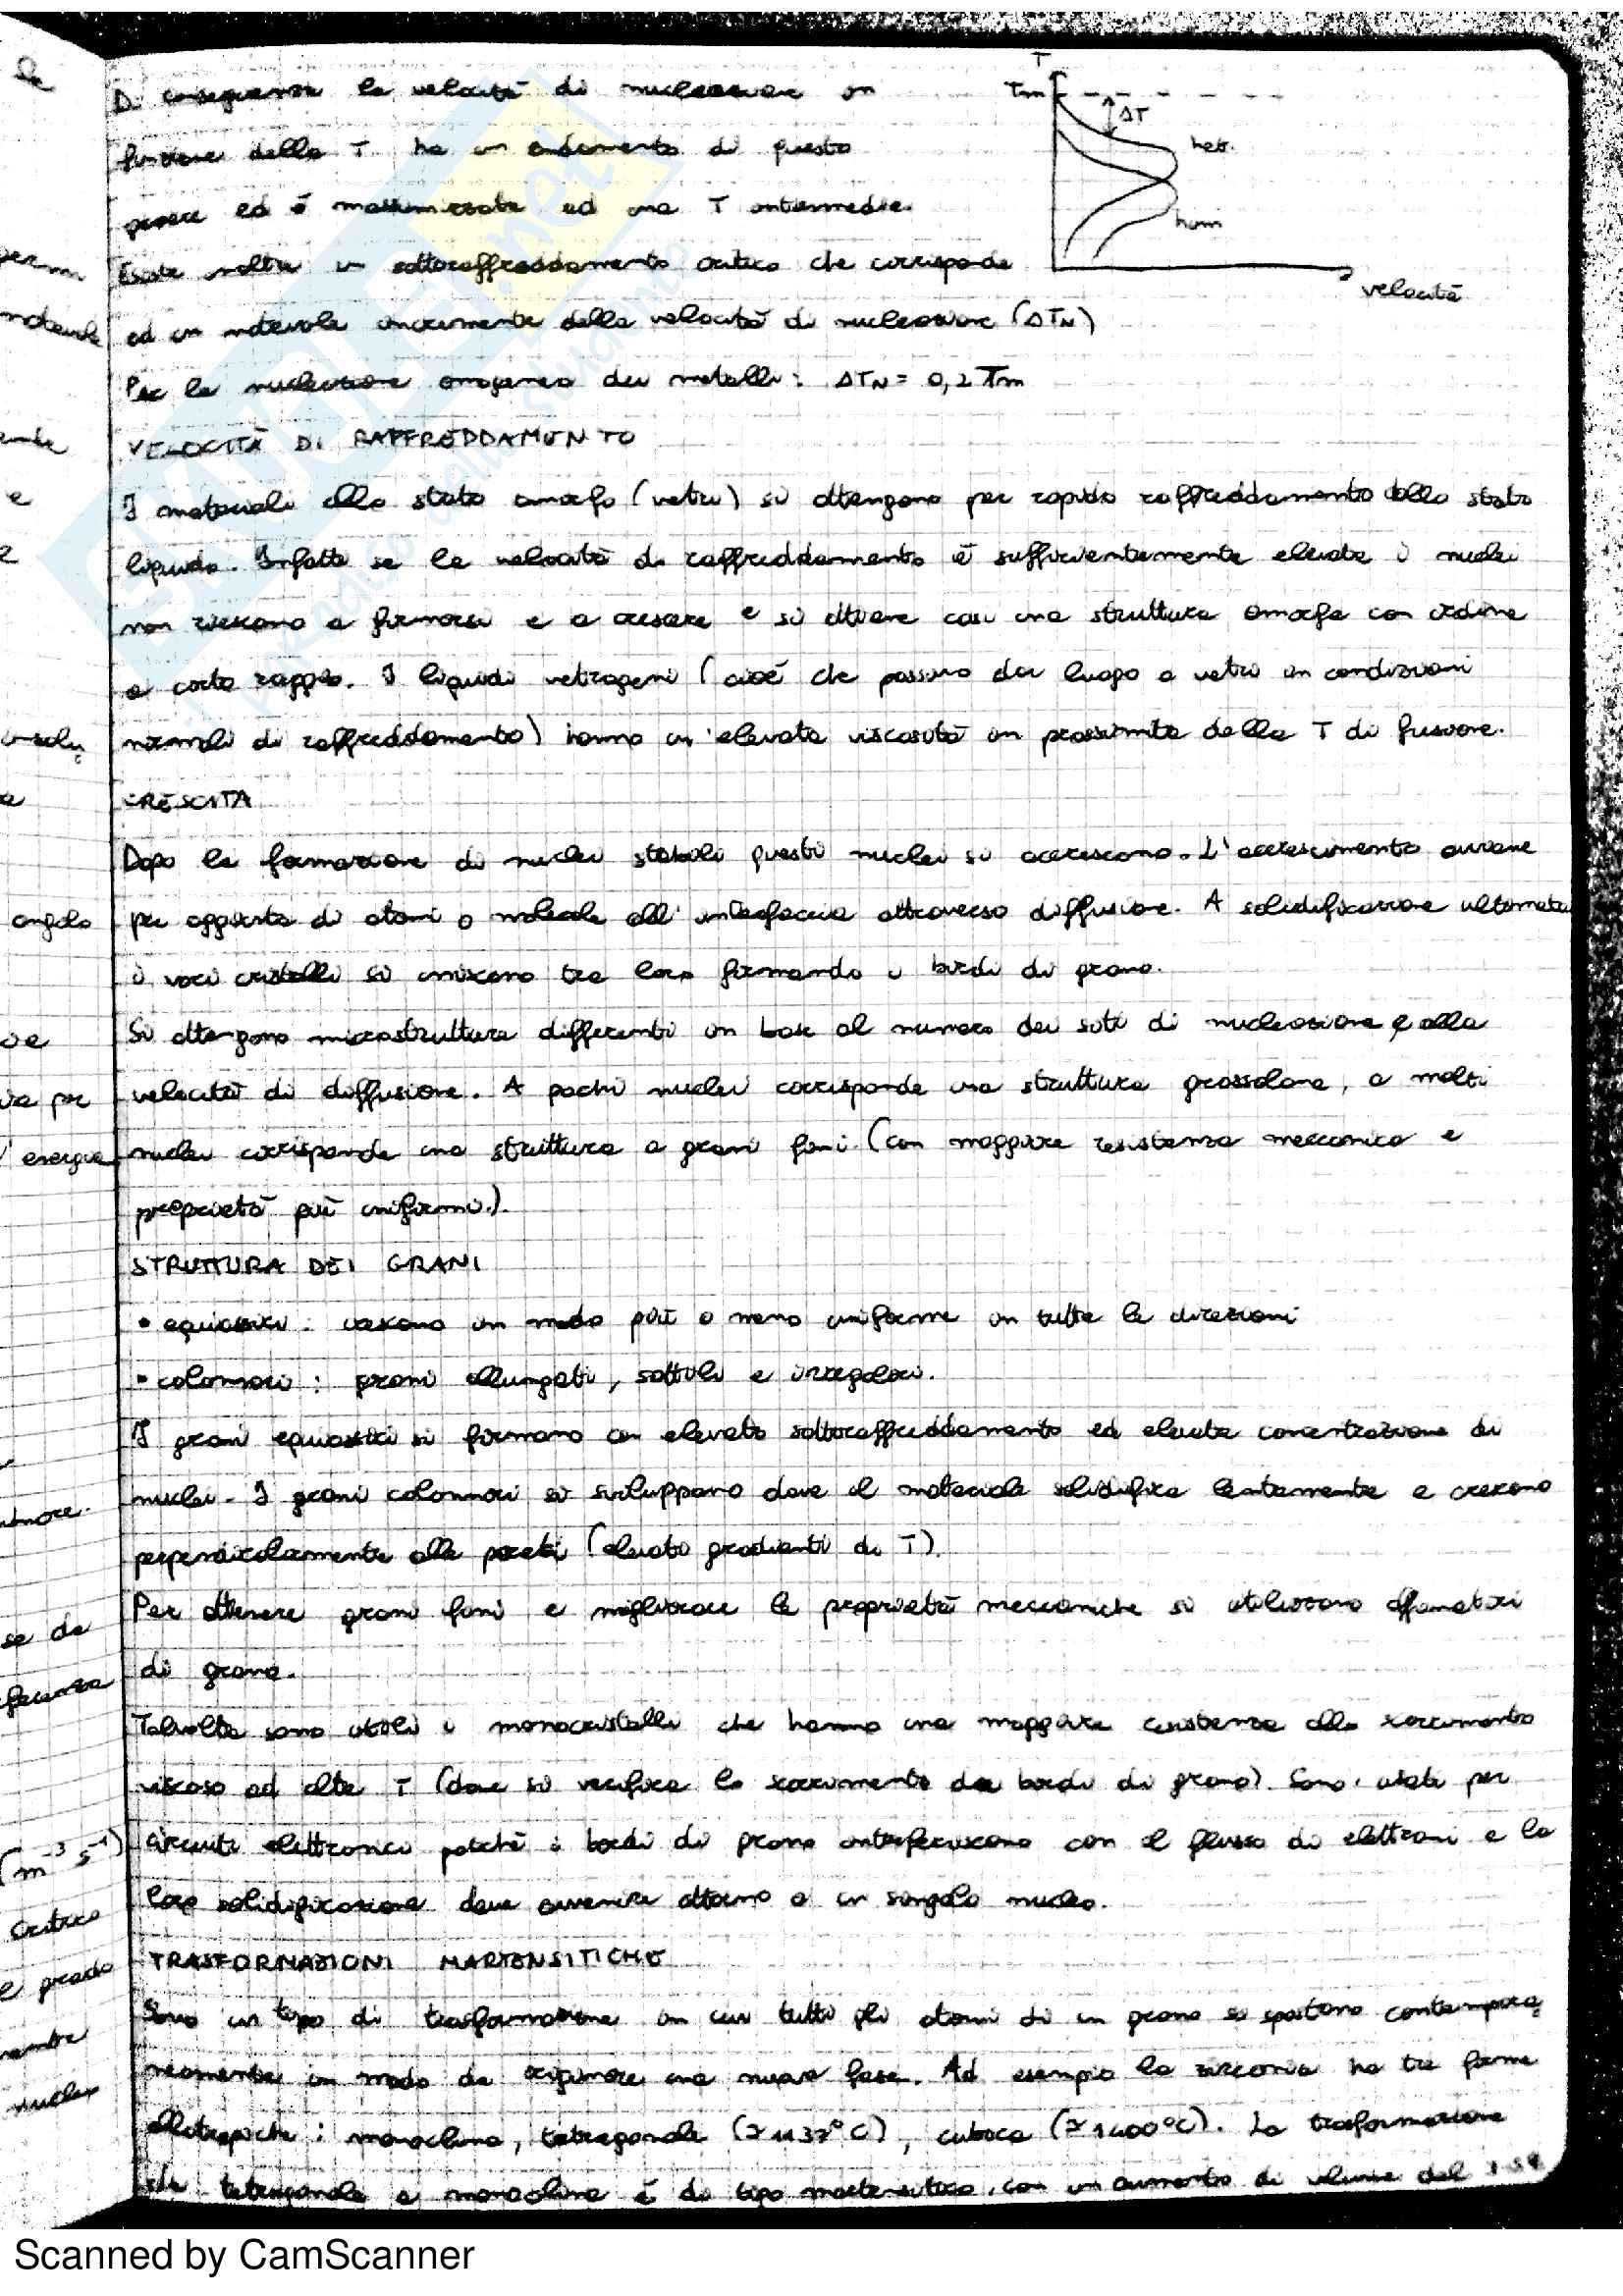 Appunti, Scienza e tecnologia dei materiali Pag. 16